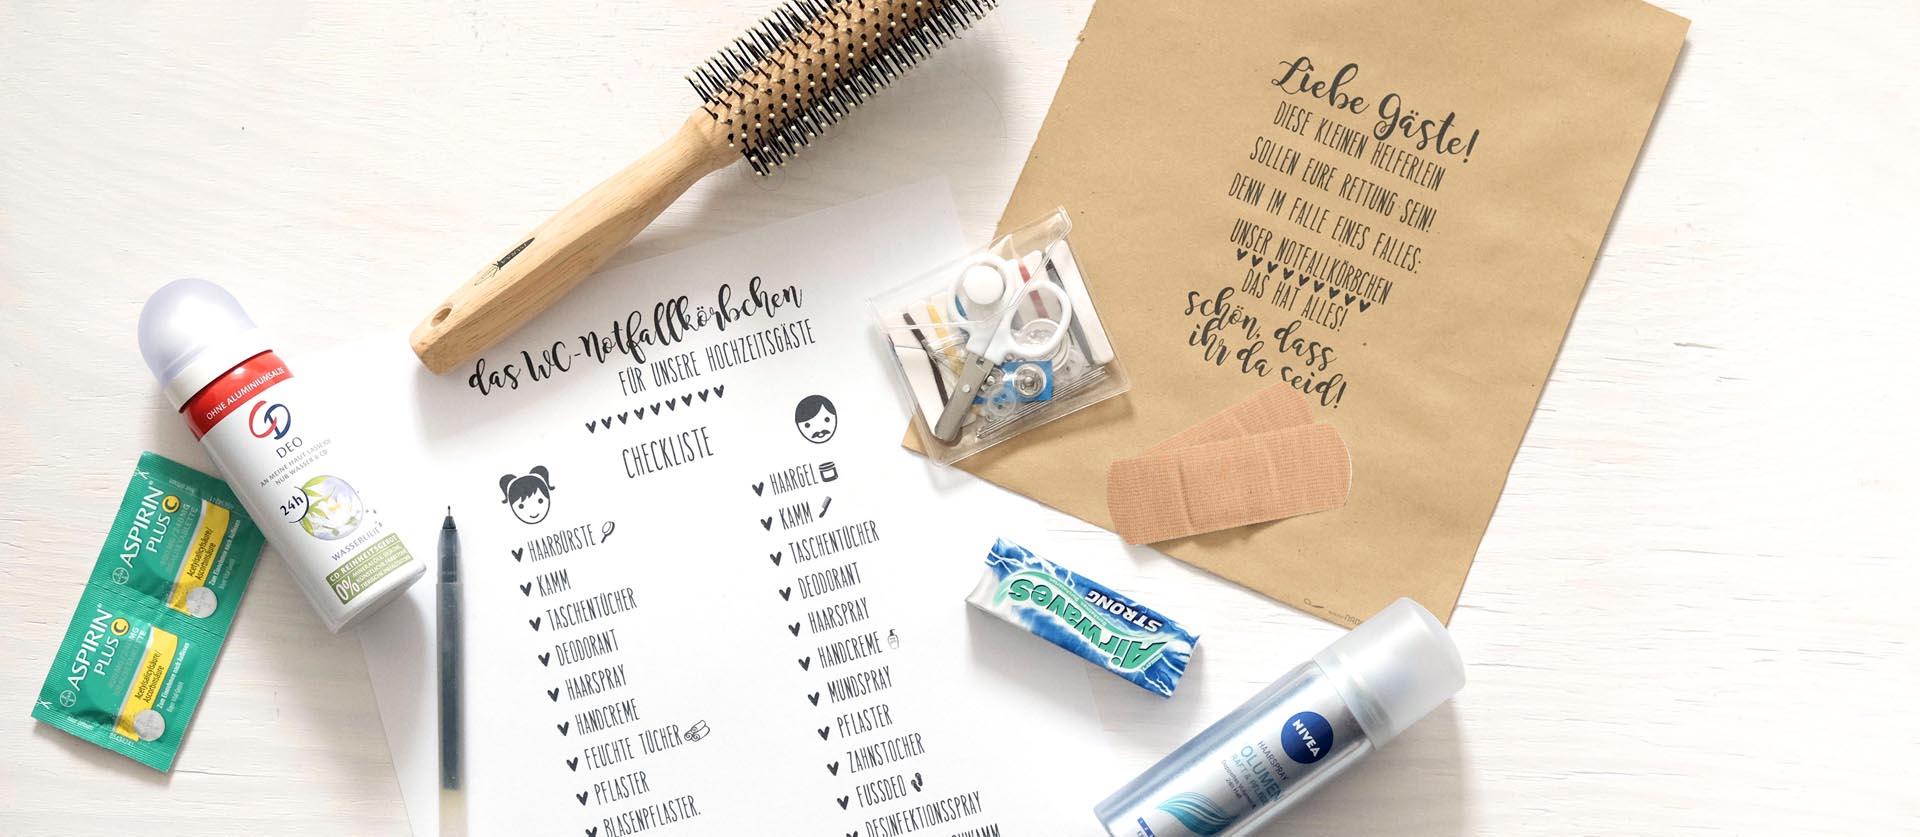 Checkliste Das Notfallkorbchen Fur Hochzeitsgaste Papierdrachen